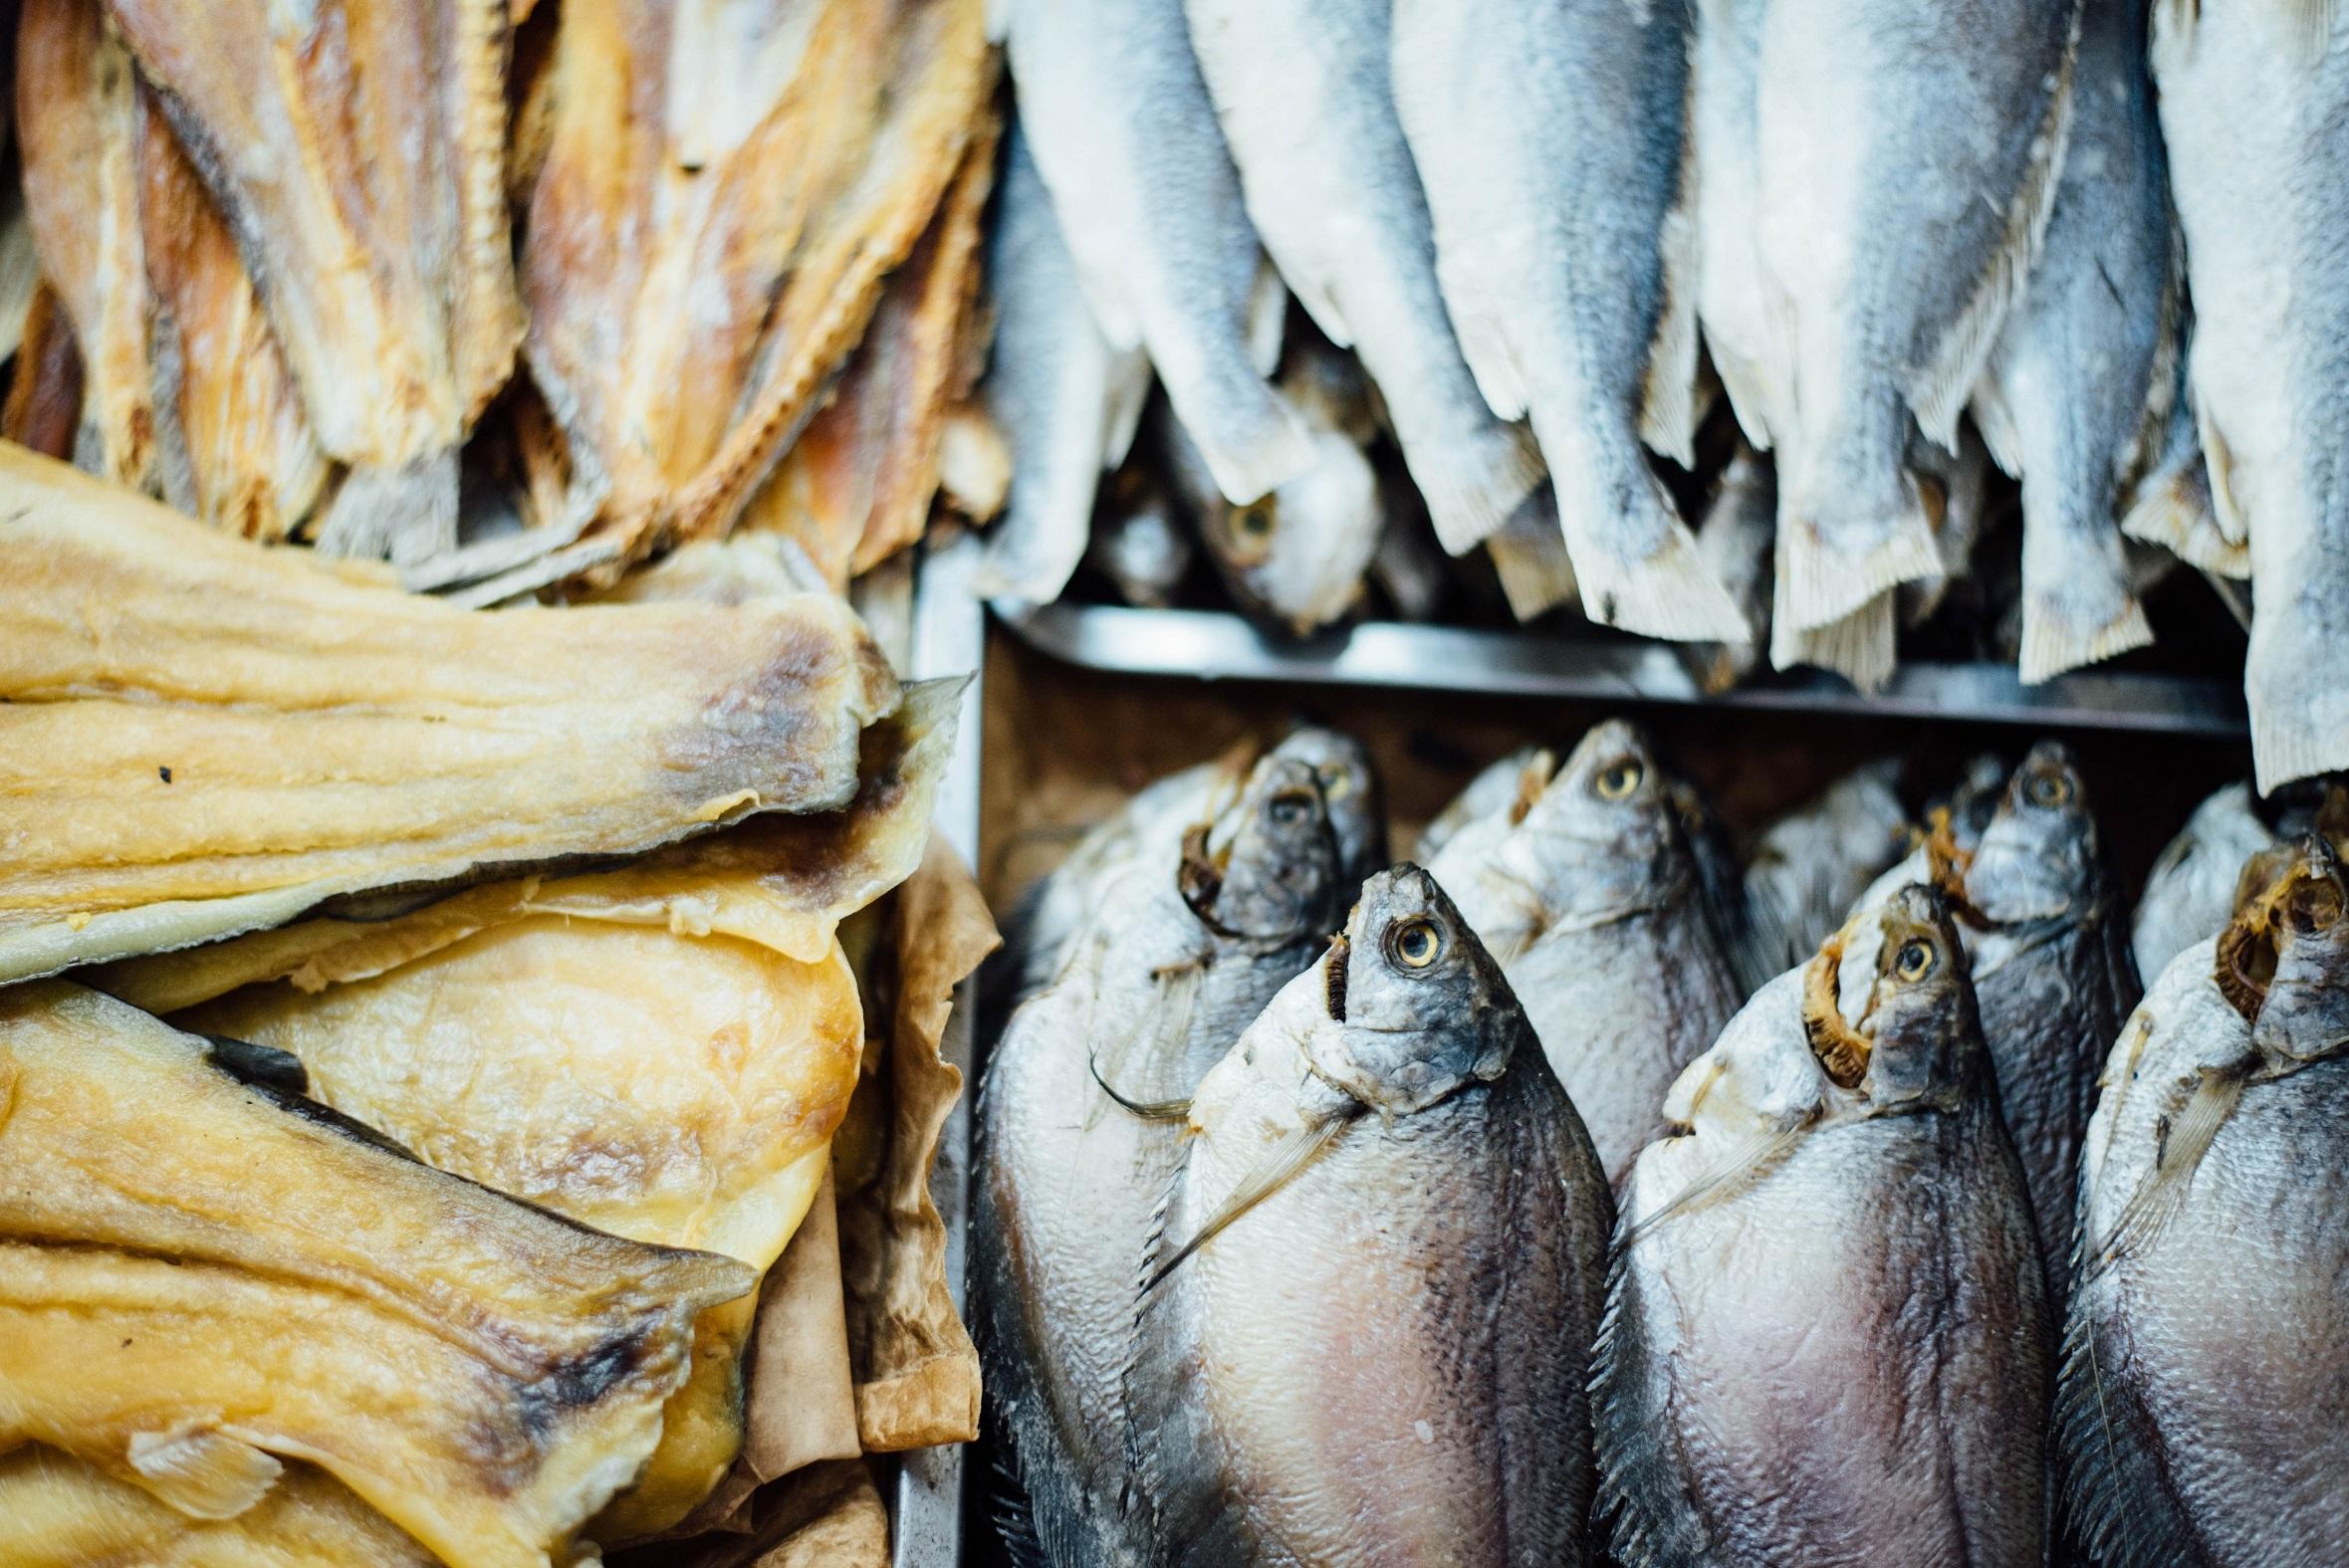 Mérieux NutriSciences_export fish